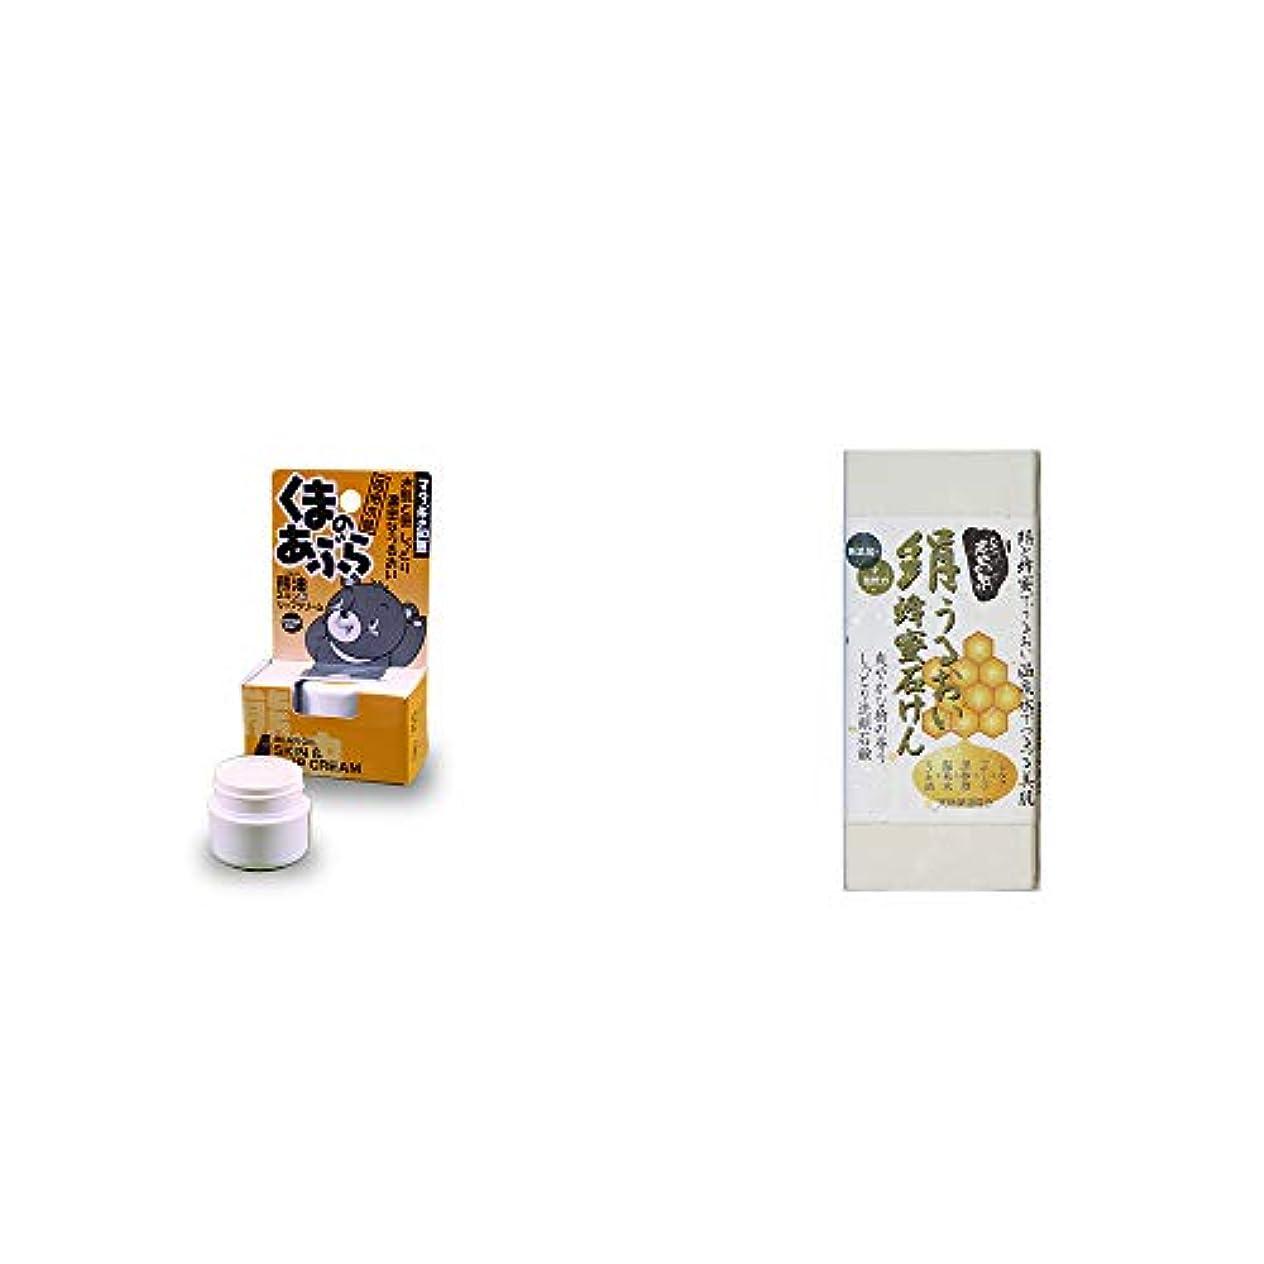 量で統計的摘む[2点セット] 信州木曽 くまのあぶら 熊油スキン&リップクリーム(9g)?ひのき炭黒泉 絹うるおい蜂蜜石けん(75g×2)